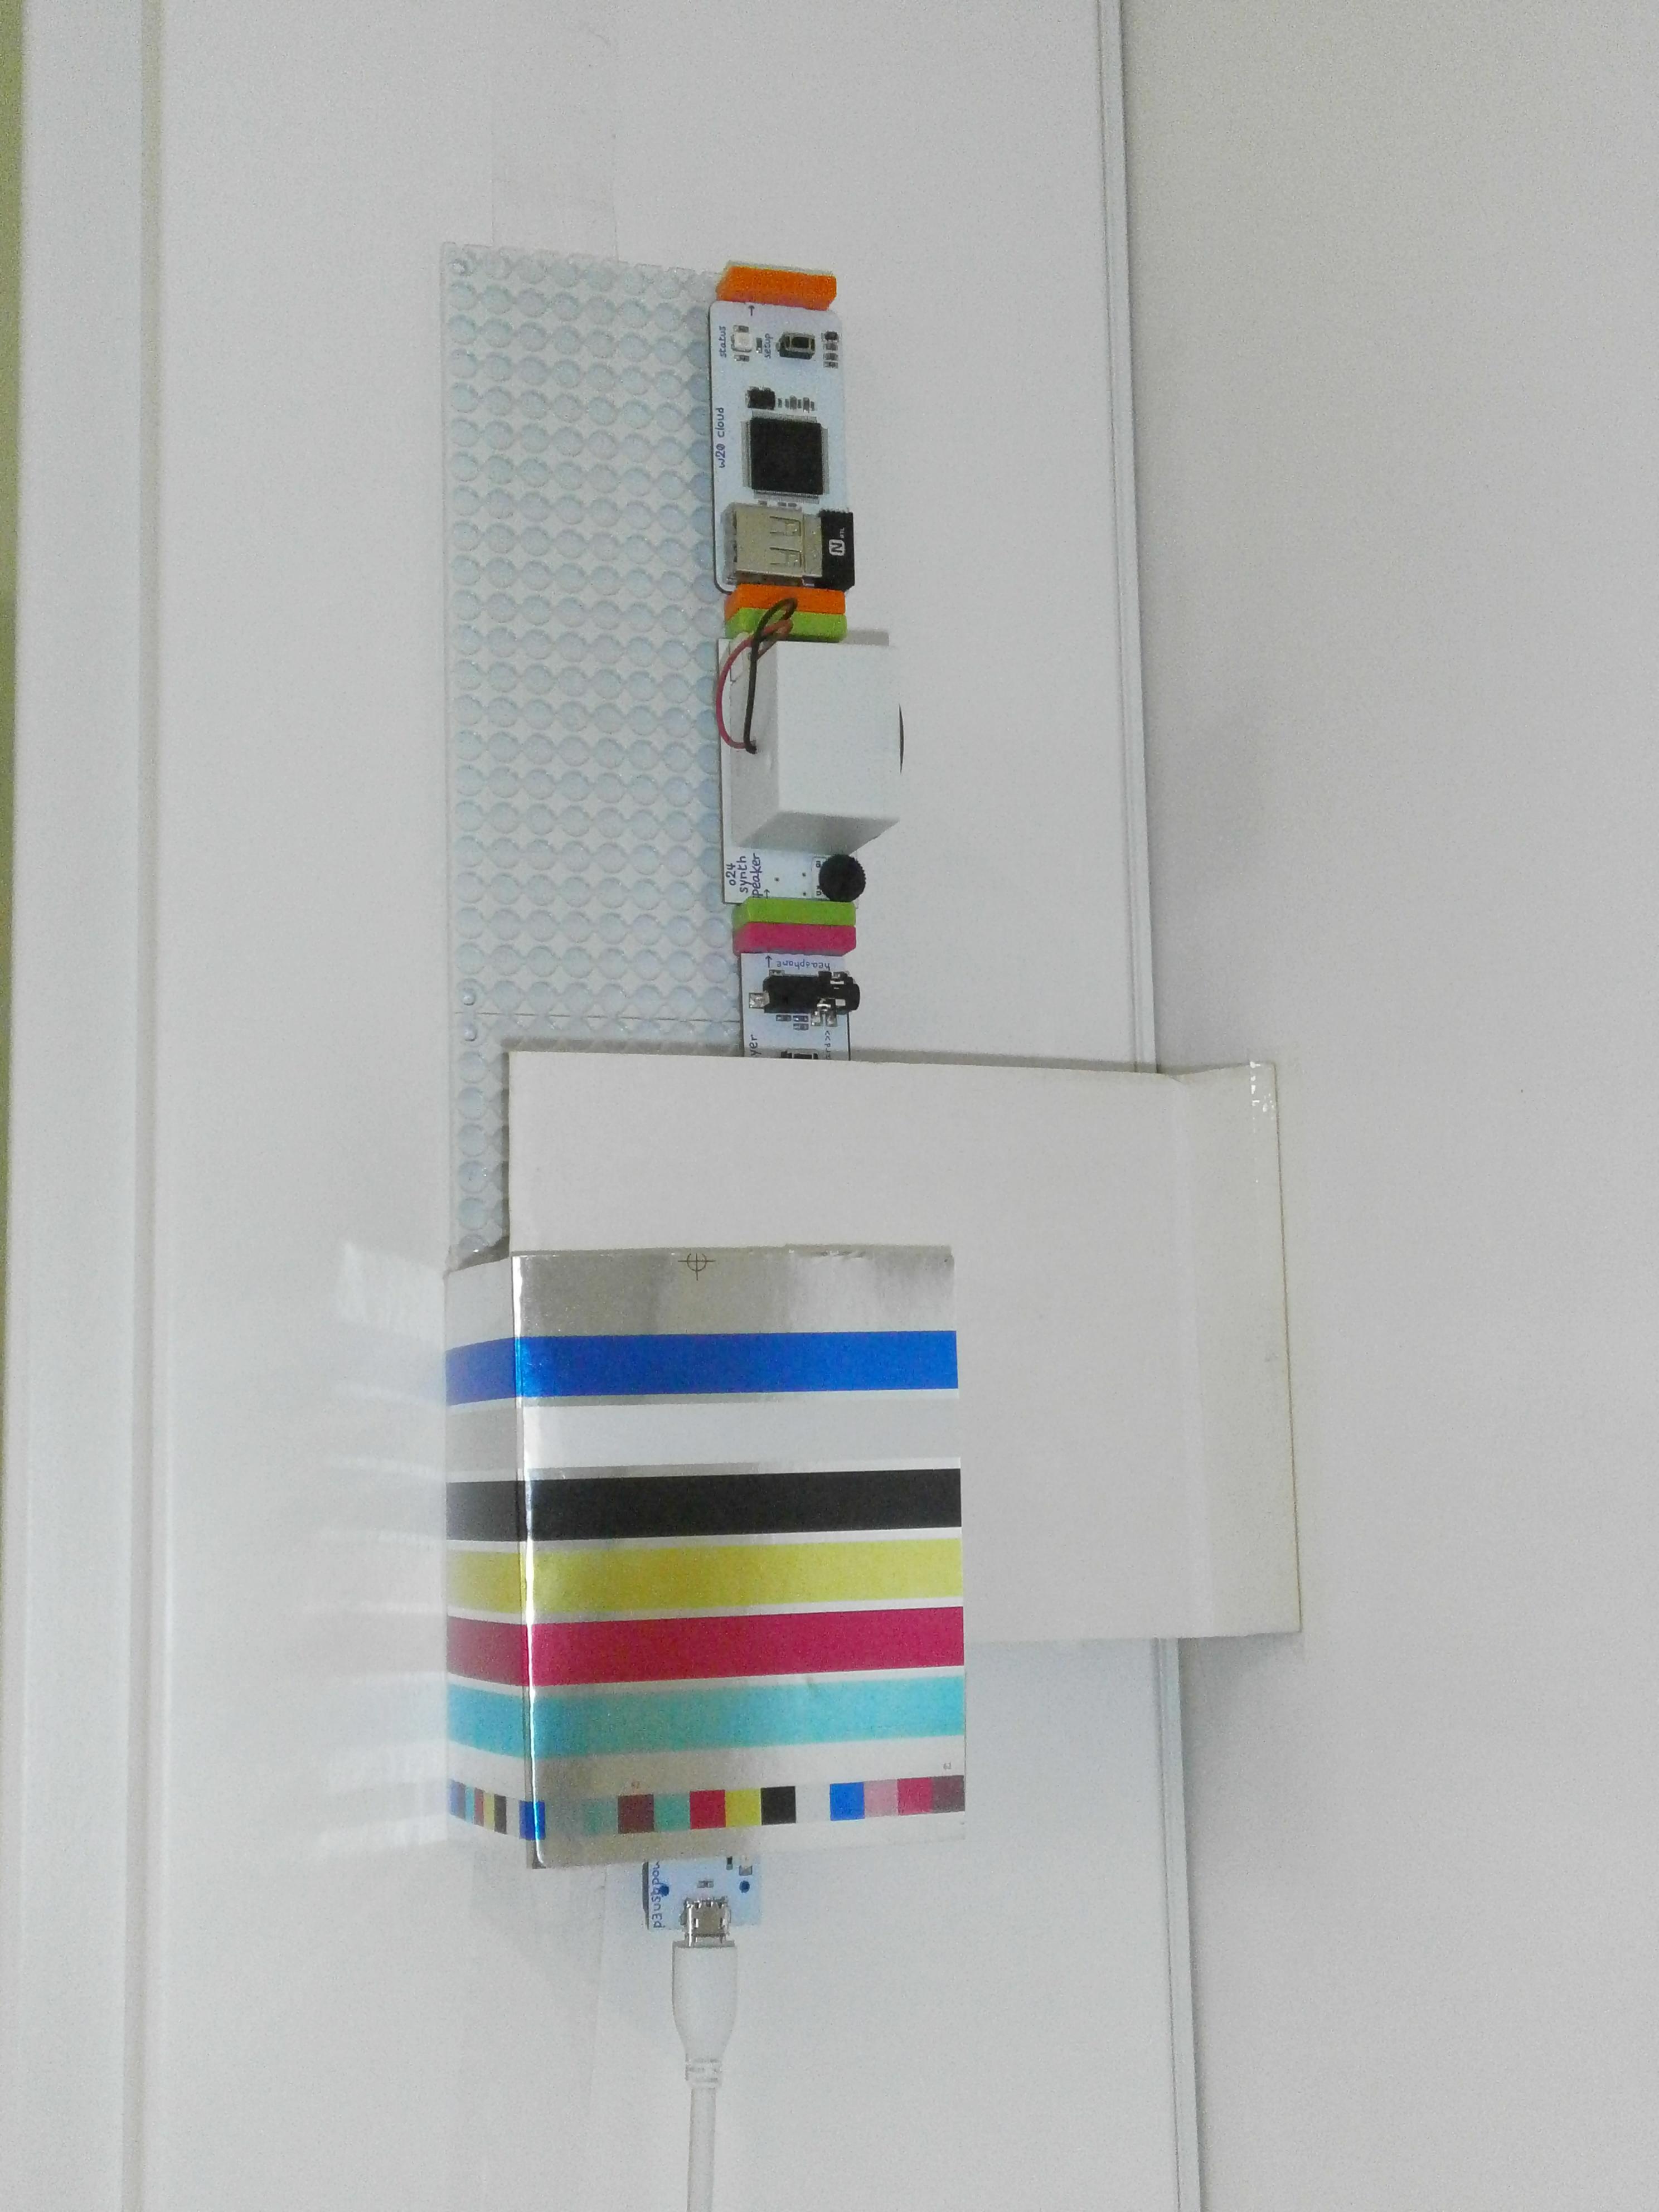 Pogled na montirani uređaj. Alarm je na dovratniku, a pregrada na vratima.